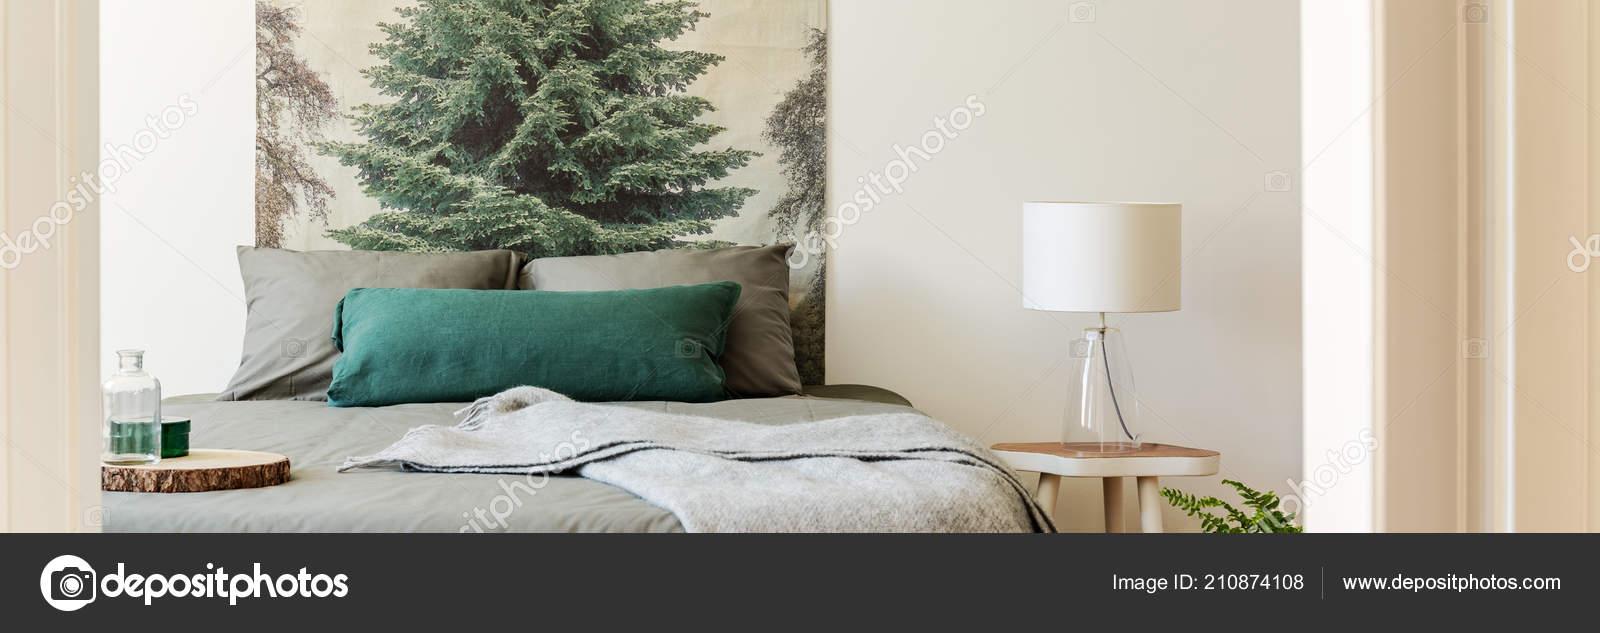 Photo Lampe Avec Chevet Pied Lit Par Vraie Table Verre htxQsrdC